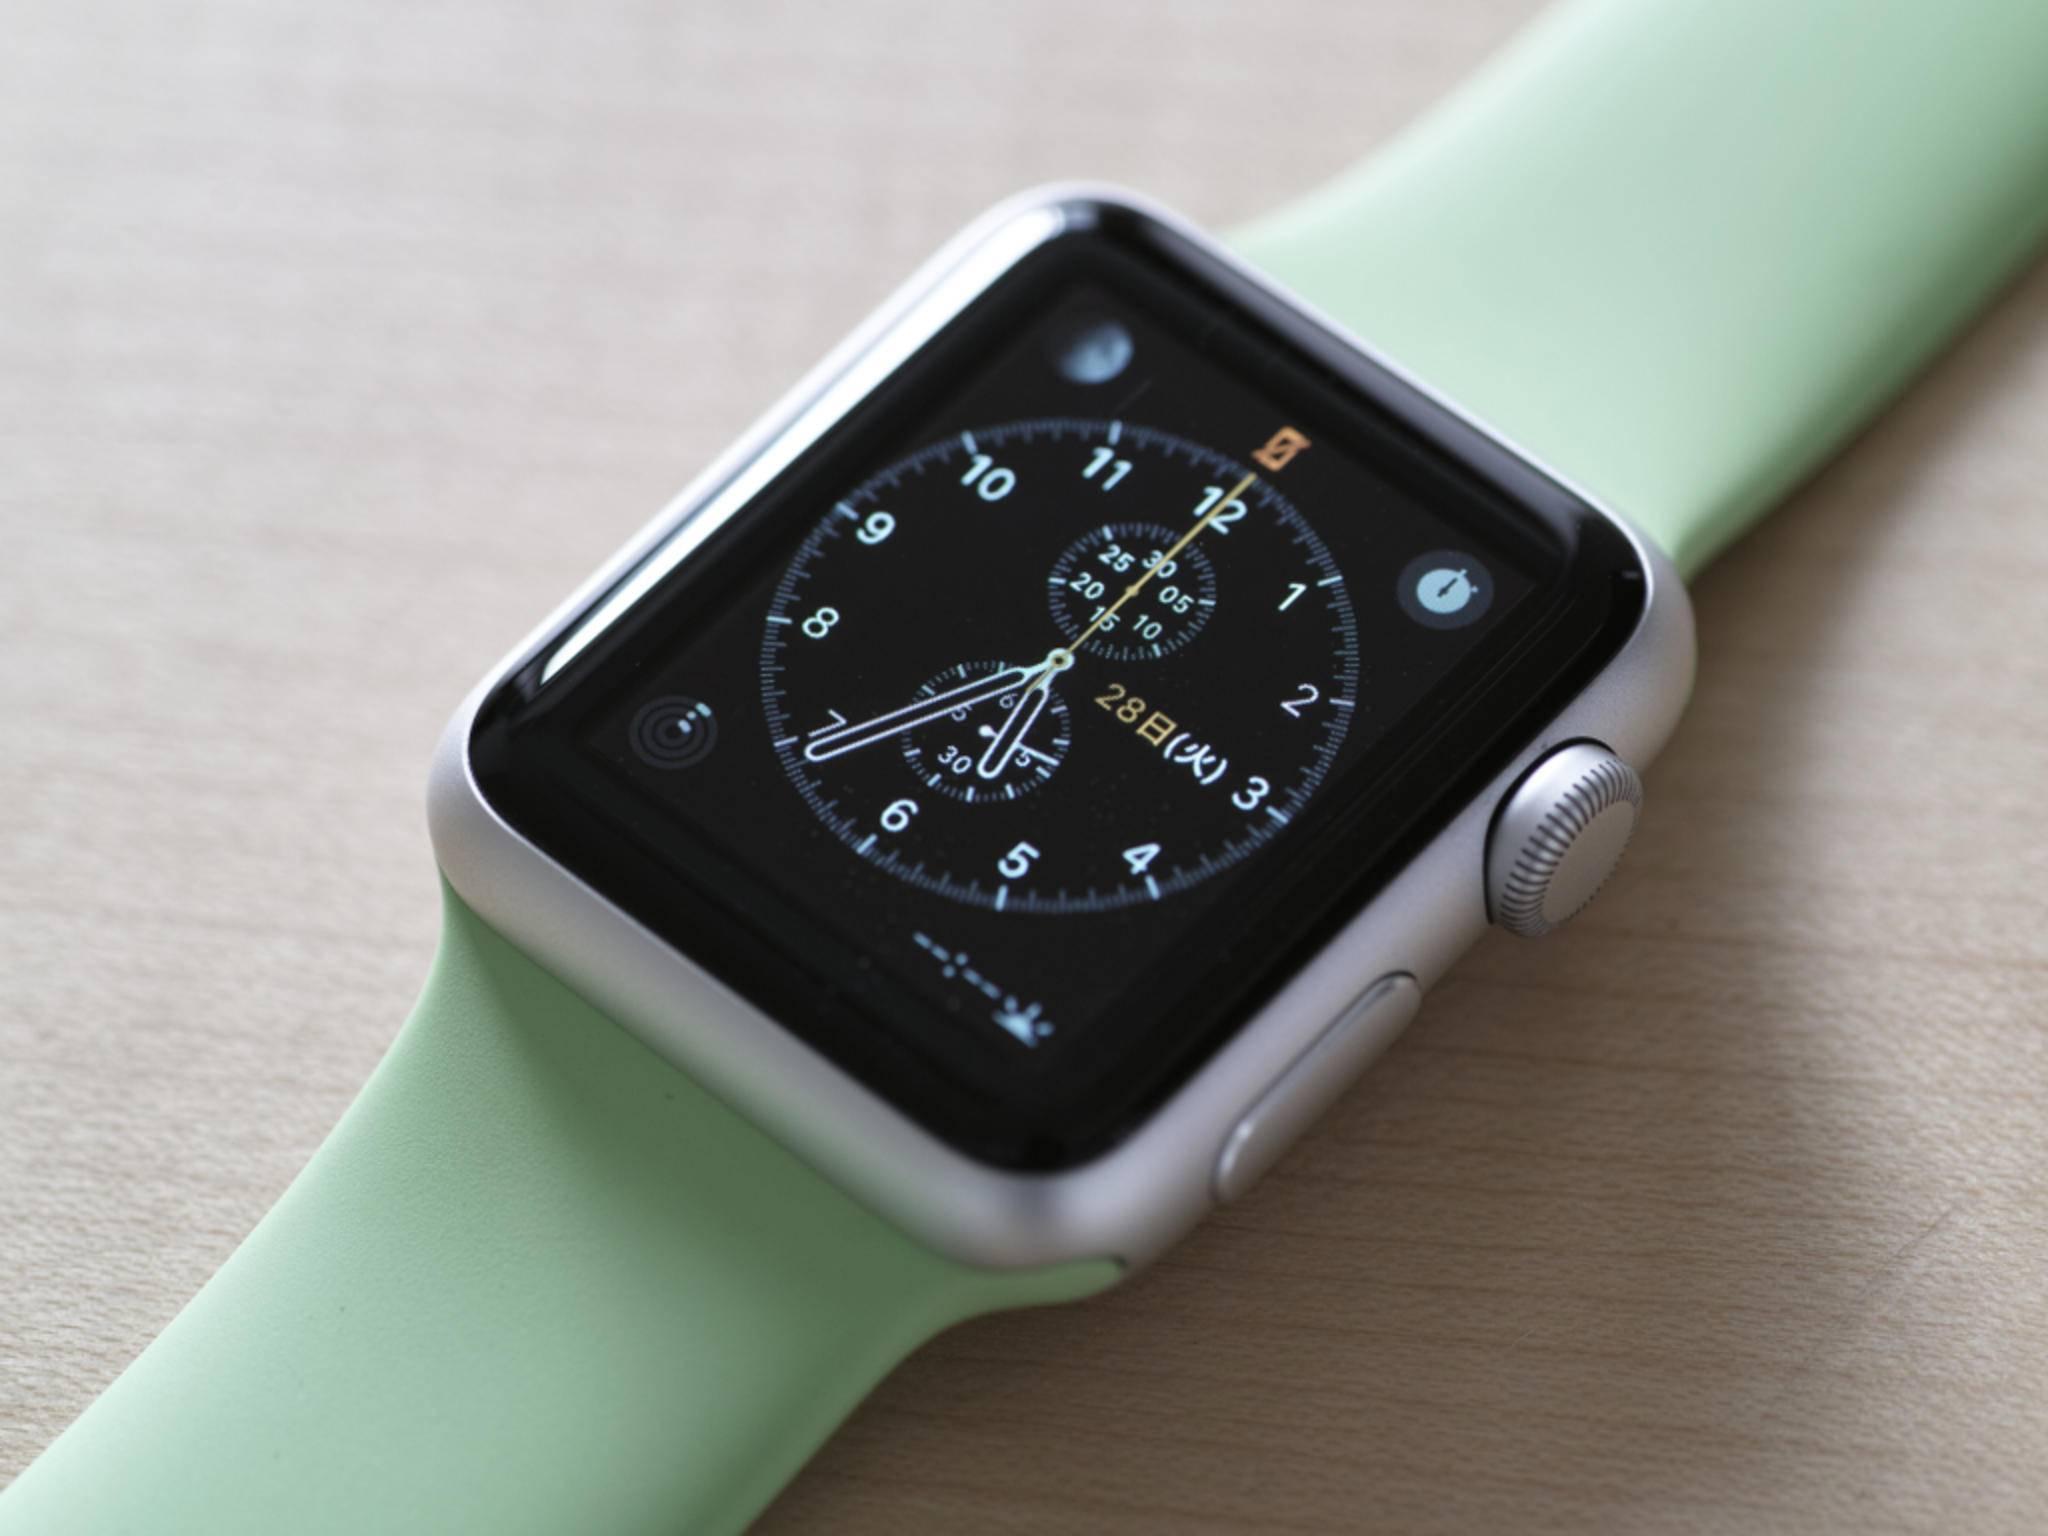 Die Apple Watch misst den Puls nur noch unregelmäßig.